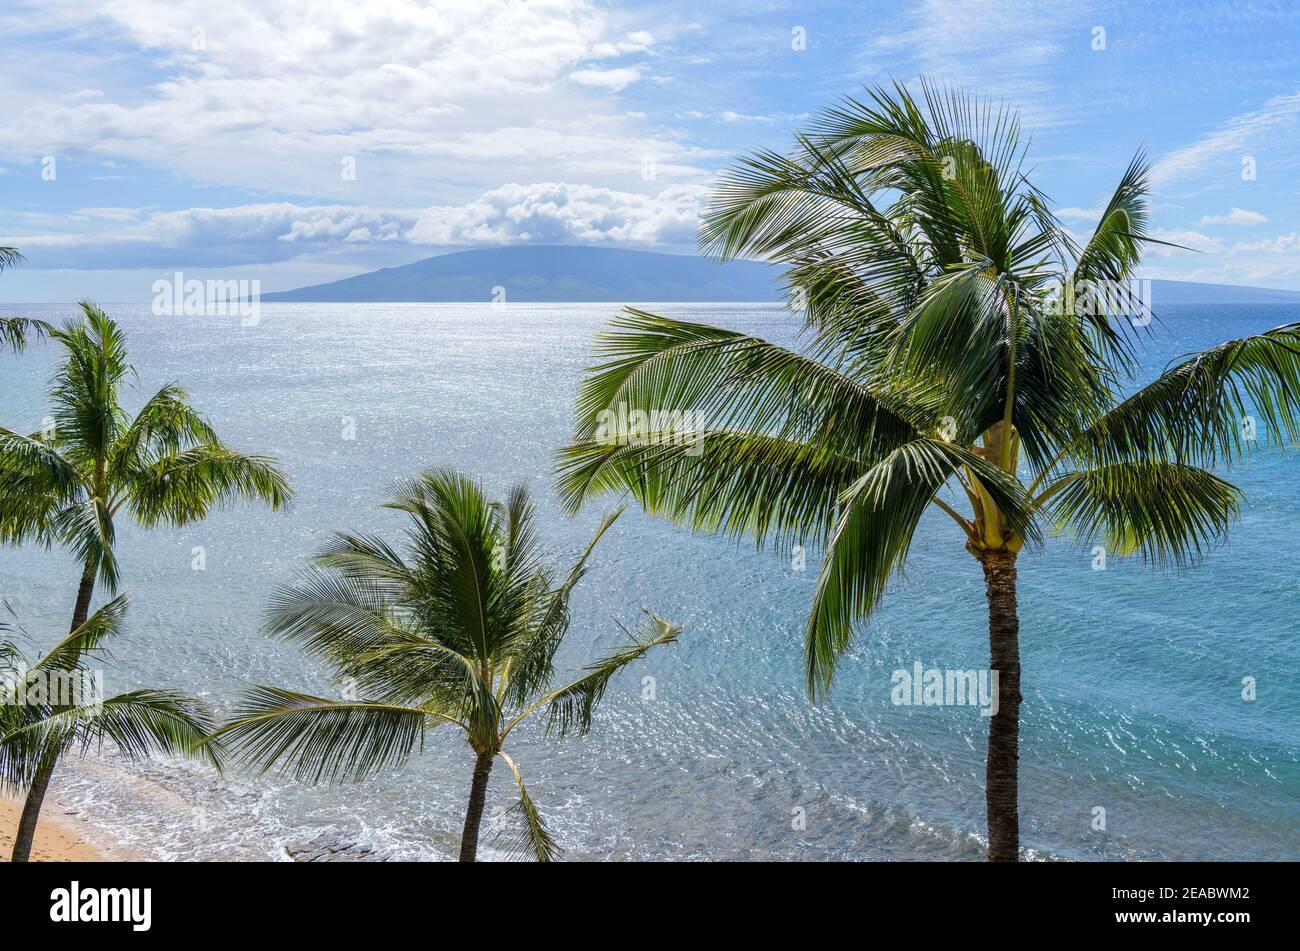 Tropical Island - UNE journée ensoleillée sur la côte nord-ouest de l'île de Maui, avec l'île Lanai à l'horizon. Maui, Hawaï, États-Unis. Banque D'Images